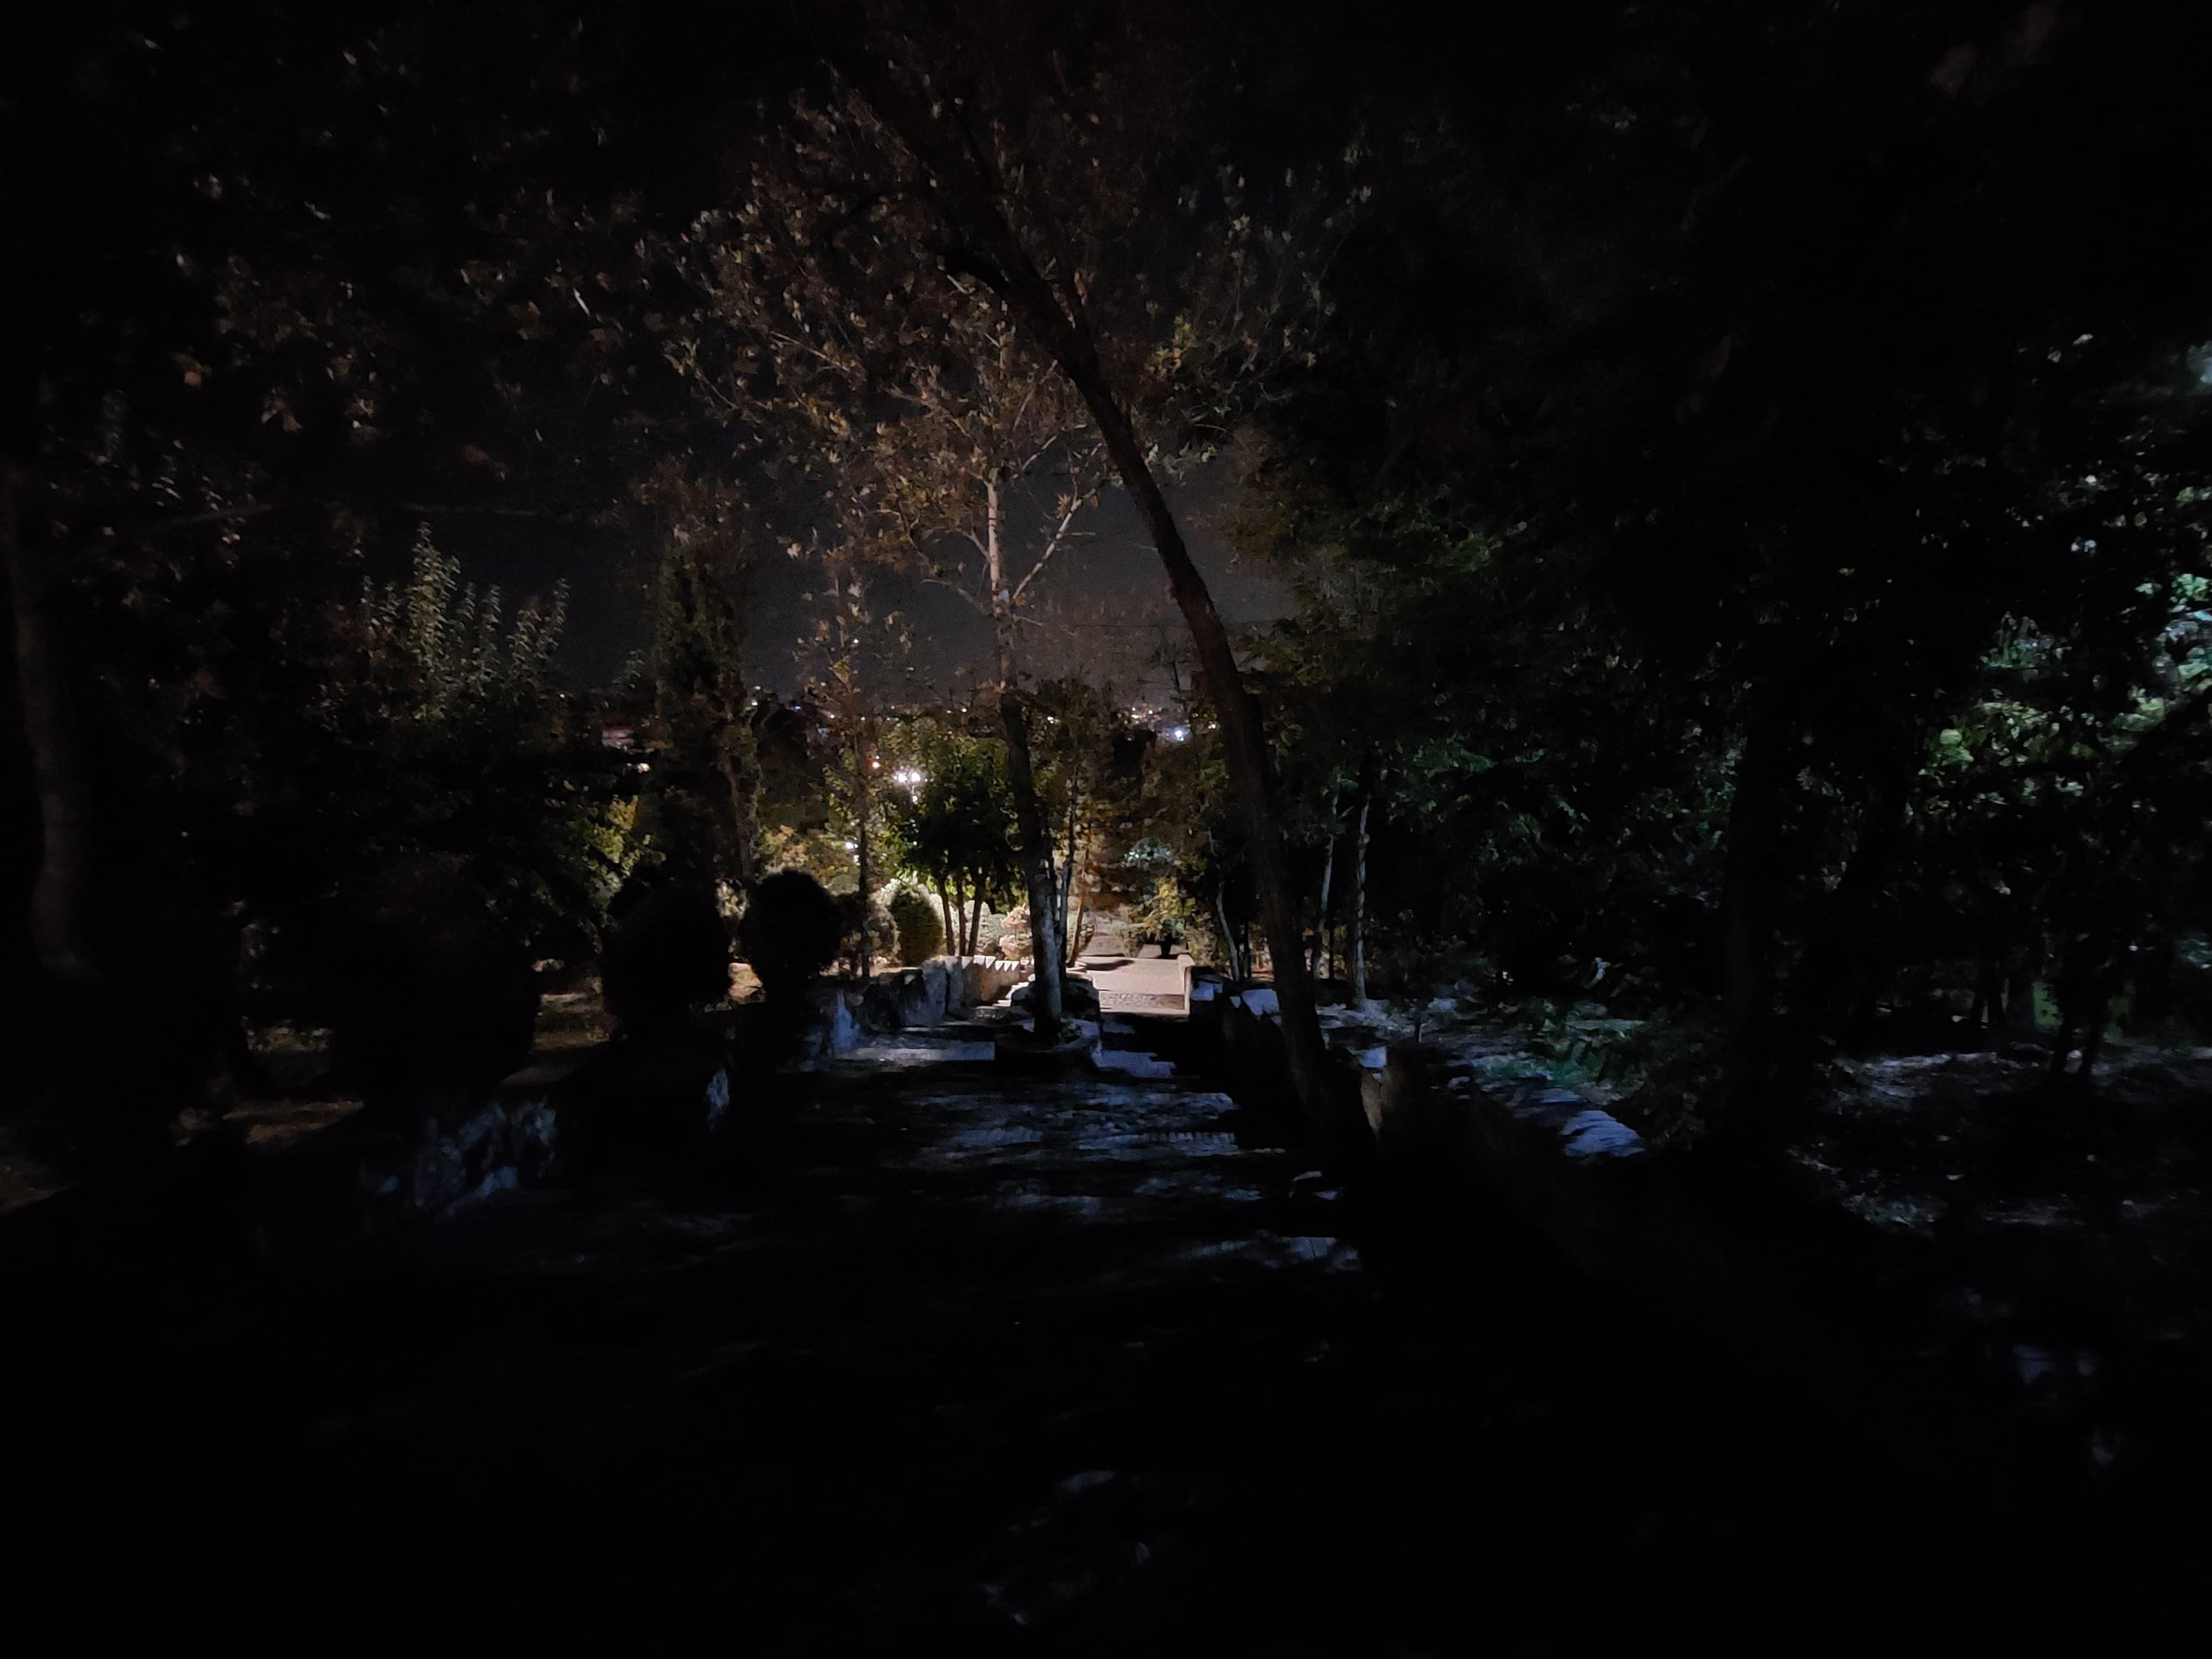 عکاسی در شب با گوشی A52s 5g سامسونگ